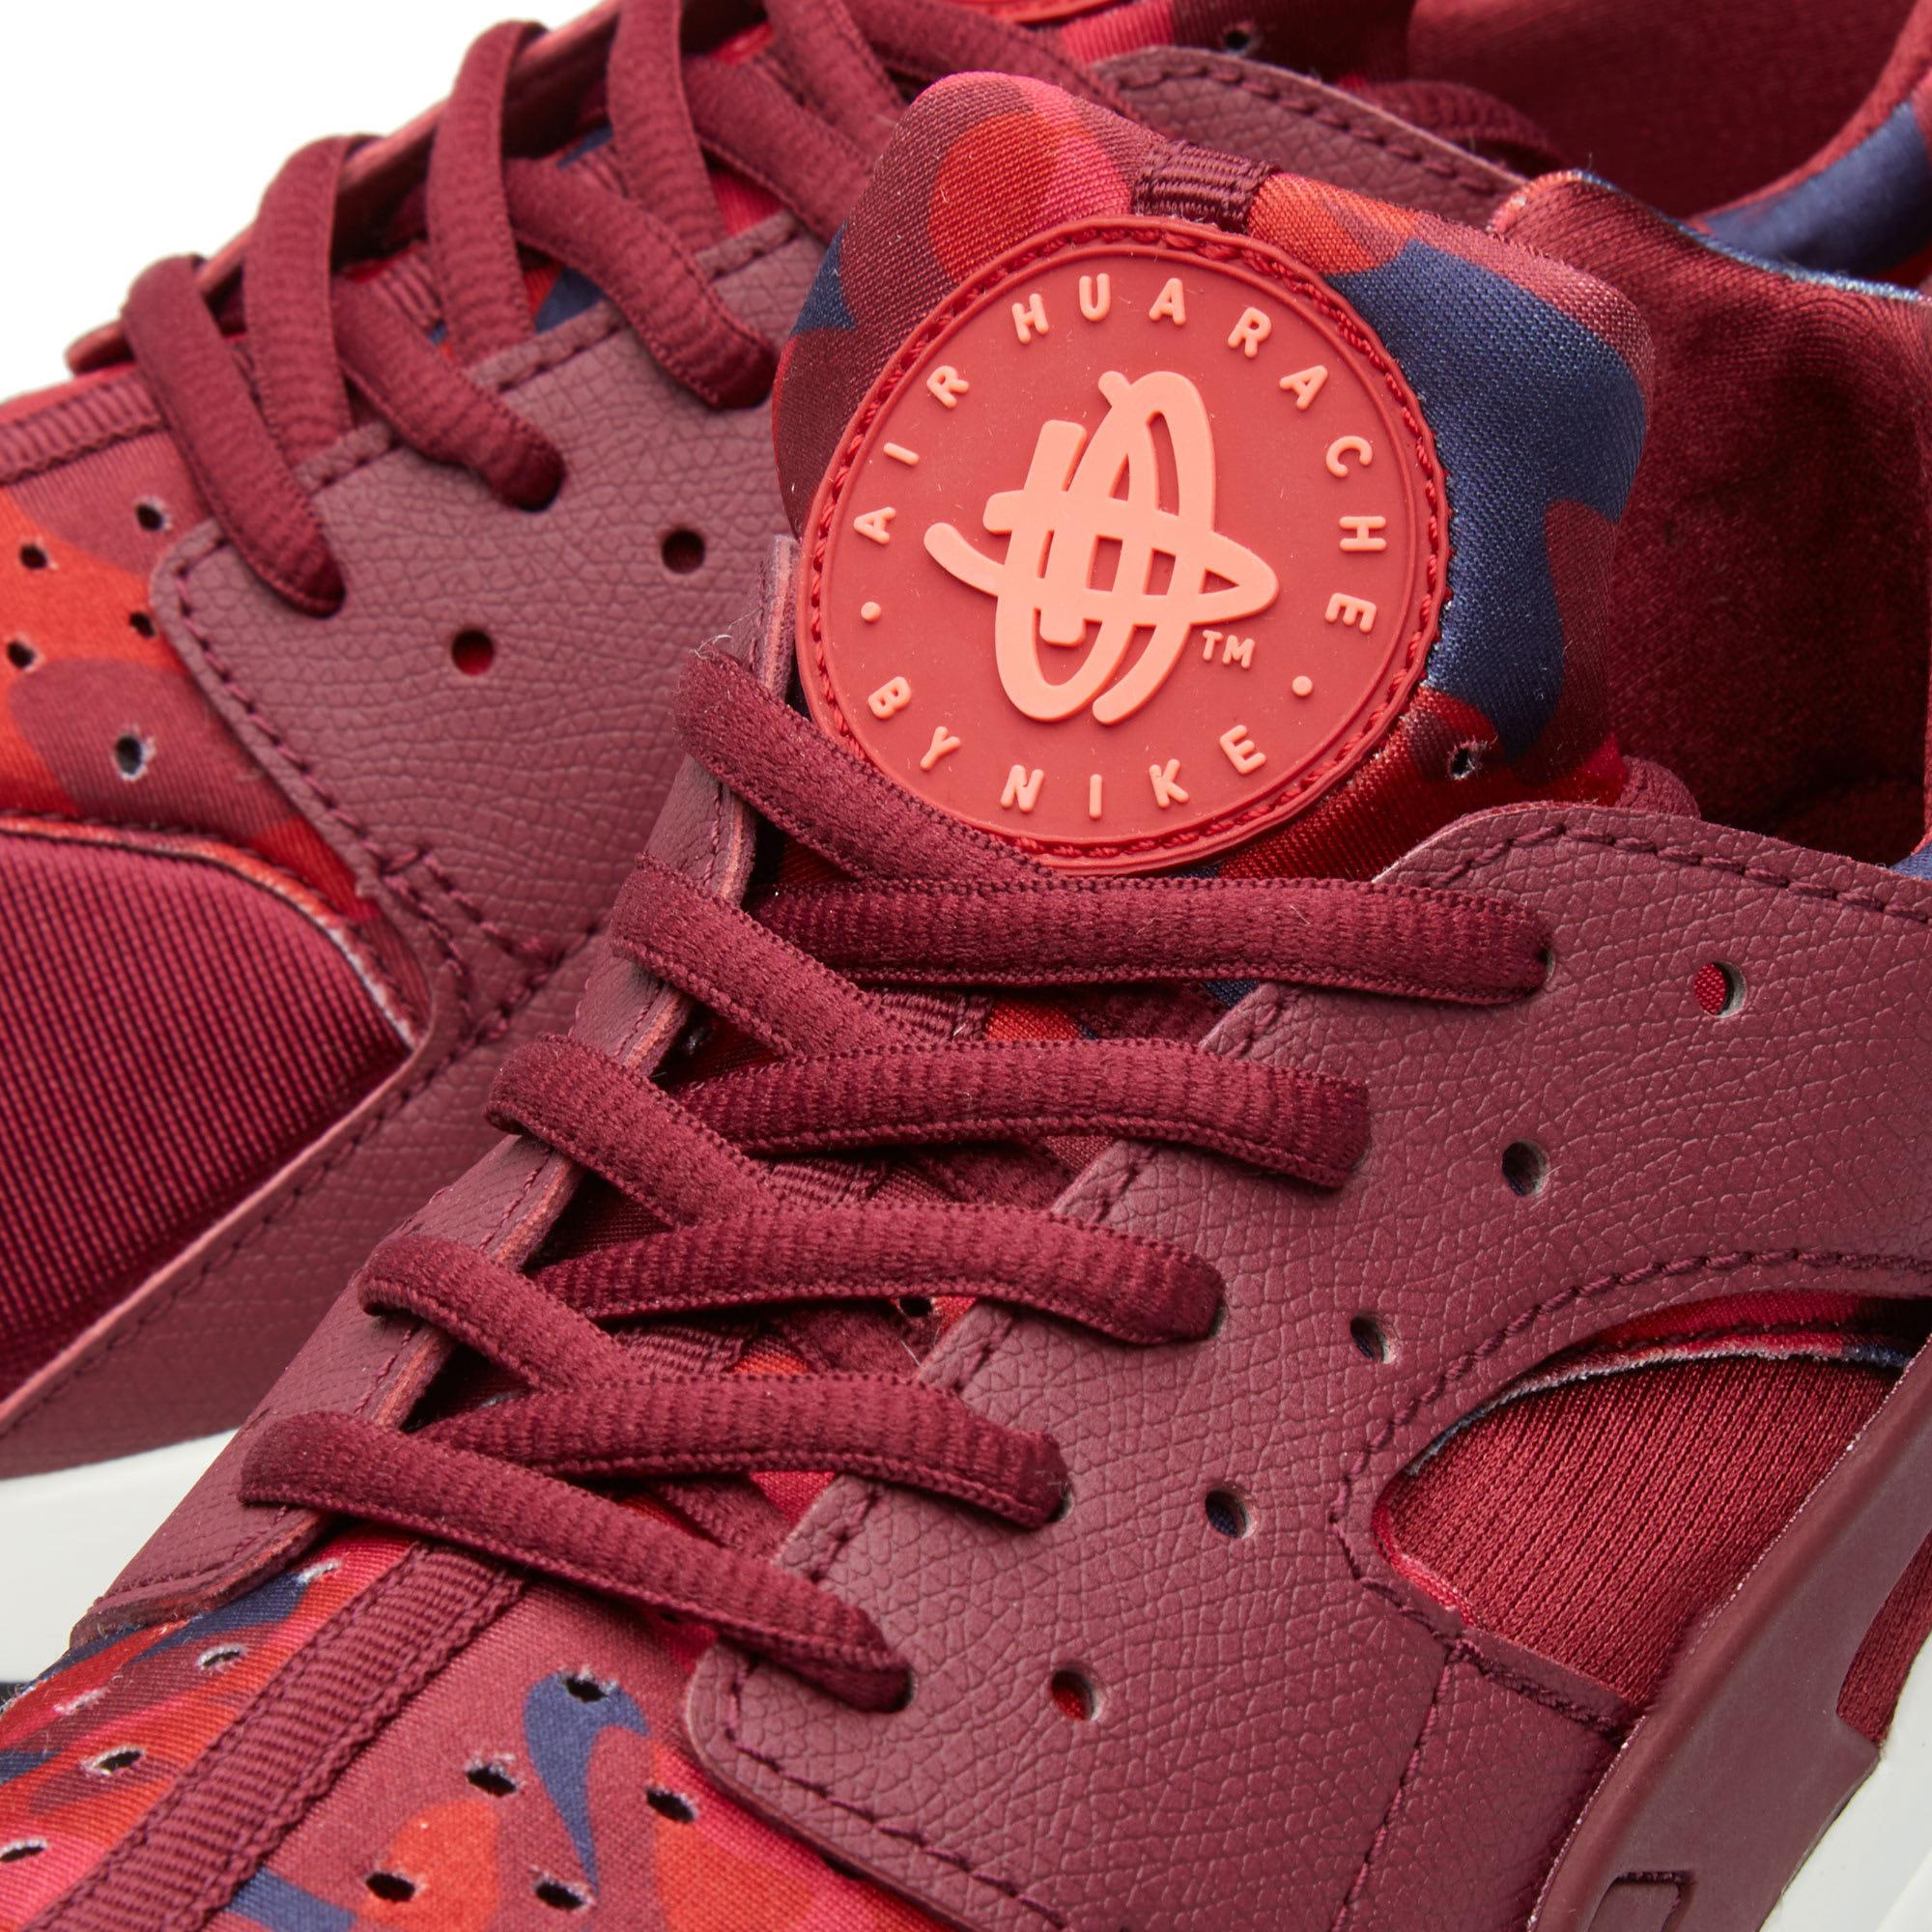 44465a960e08 Nike W Air Huarache Run Print Deep Garnet   Bright Crimson